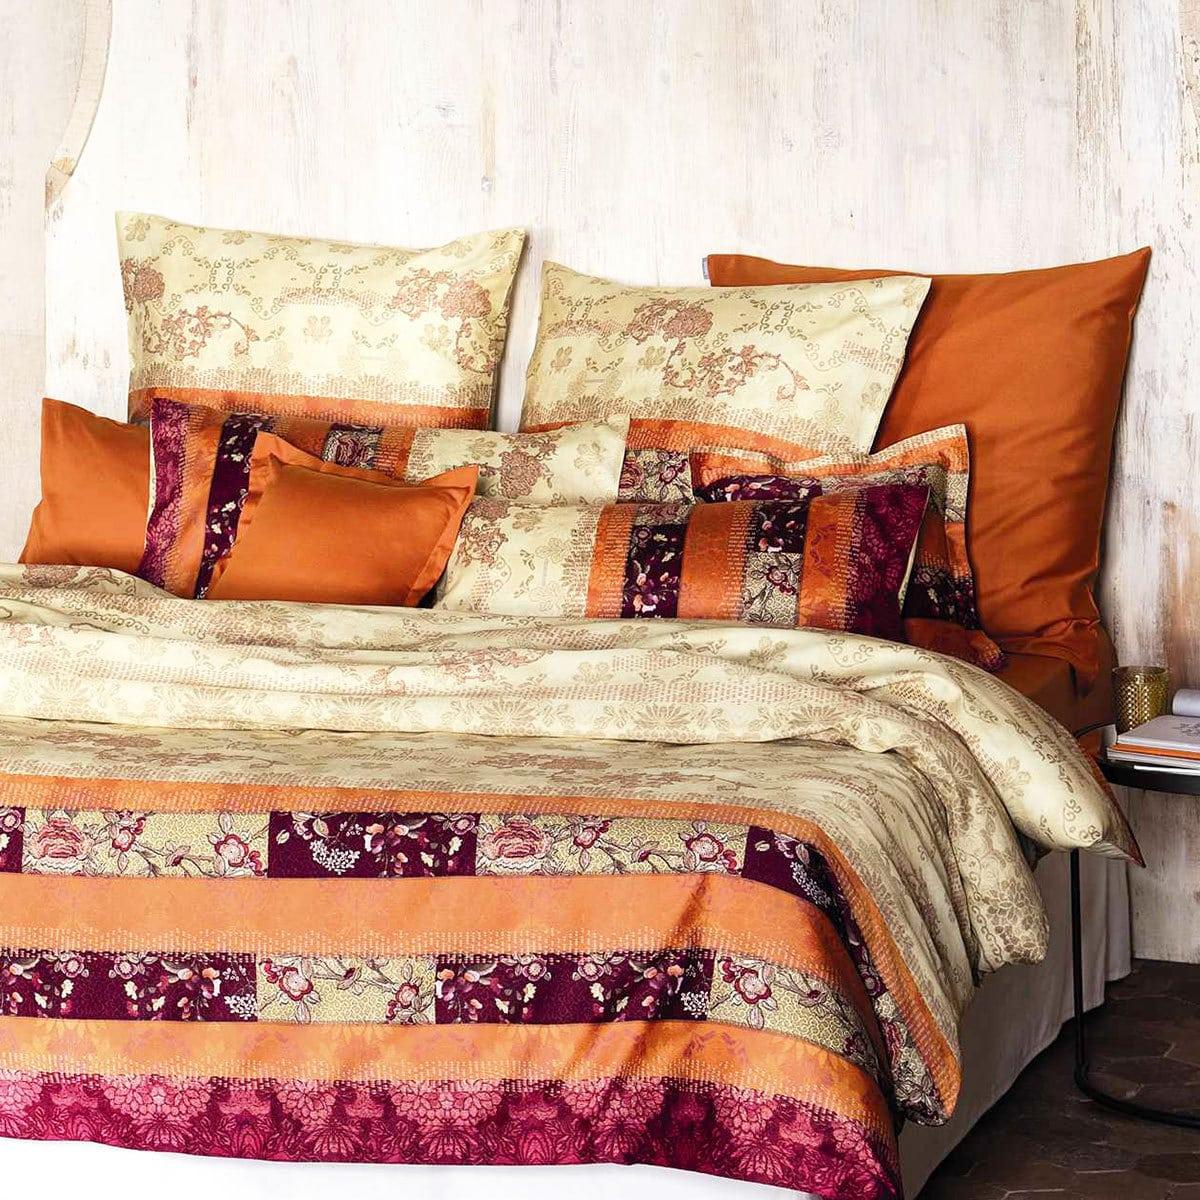 bassetti mako satin bettw sche ghirlandaio v9 g nstig online kaufen bei bettwaren shop. Black Bedroom Furniture Sets. Home Design Ideas